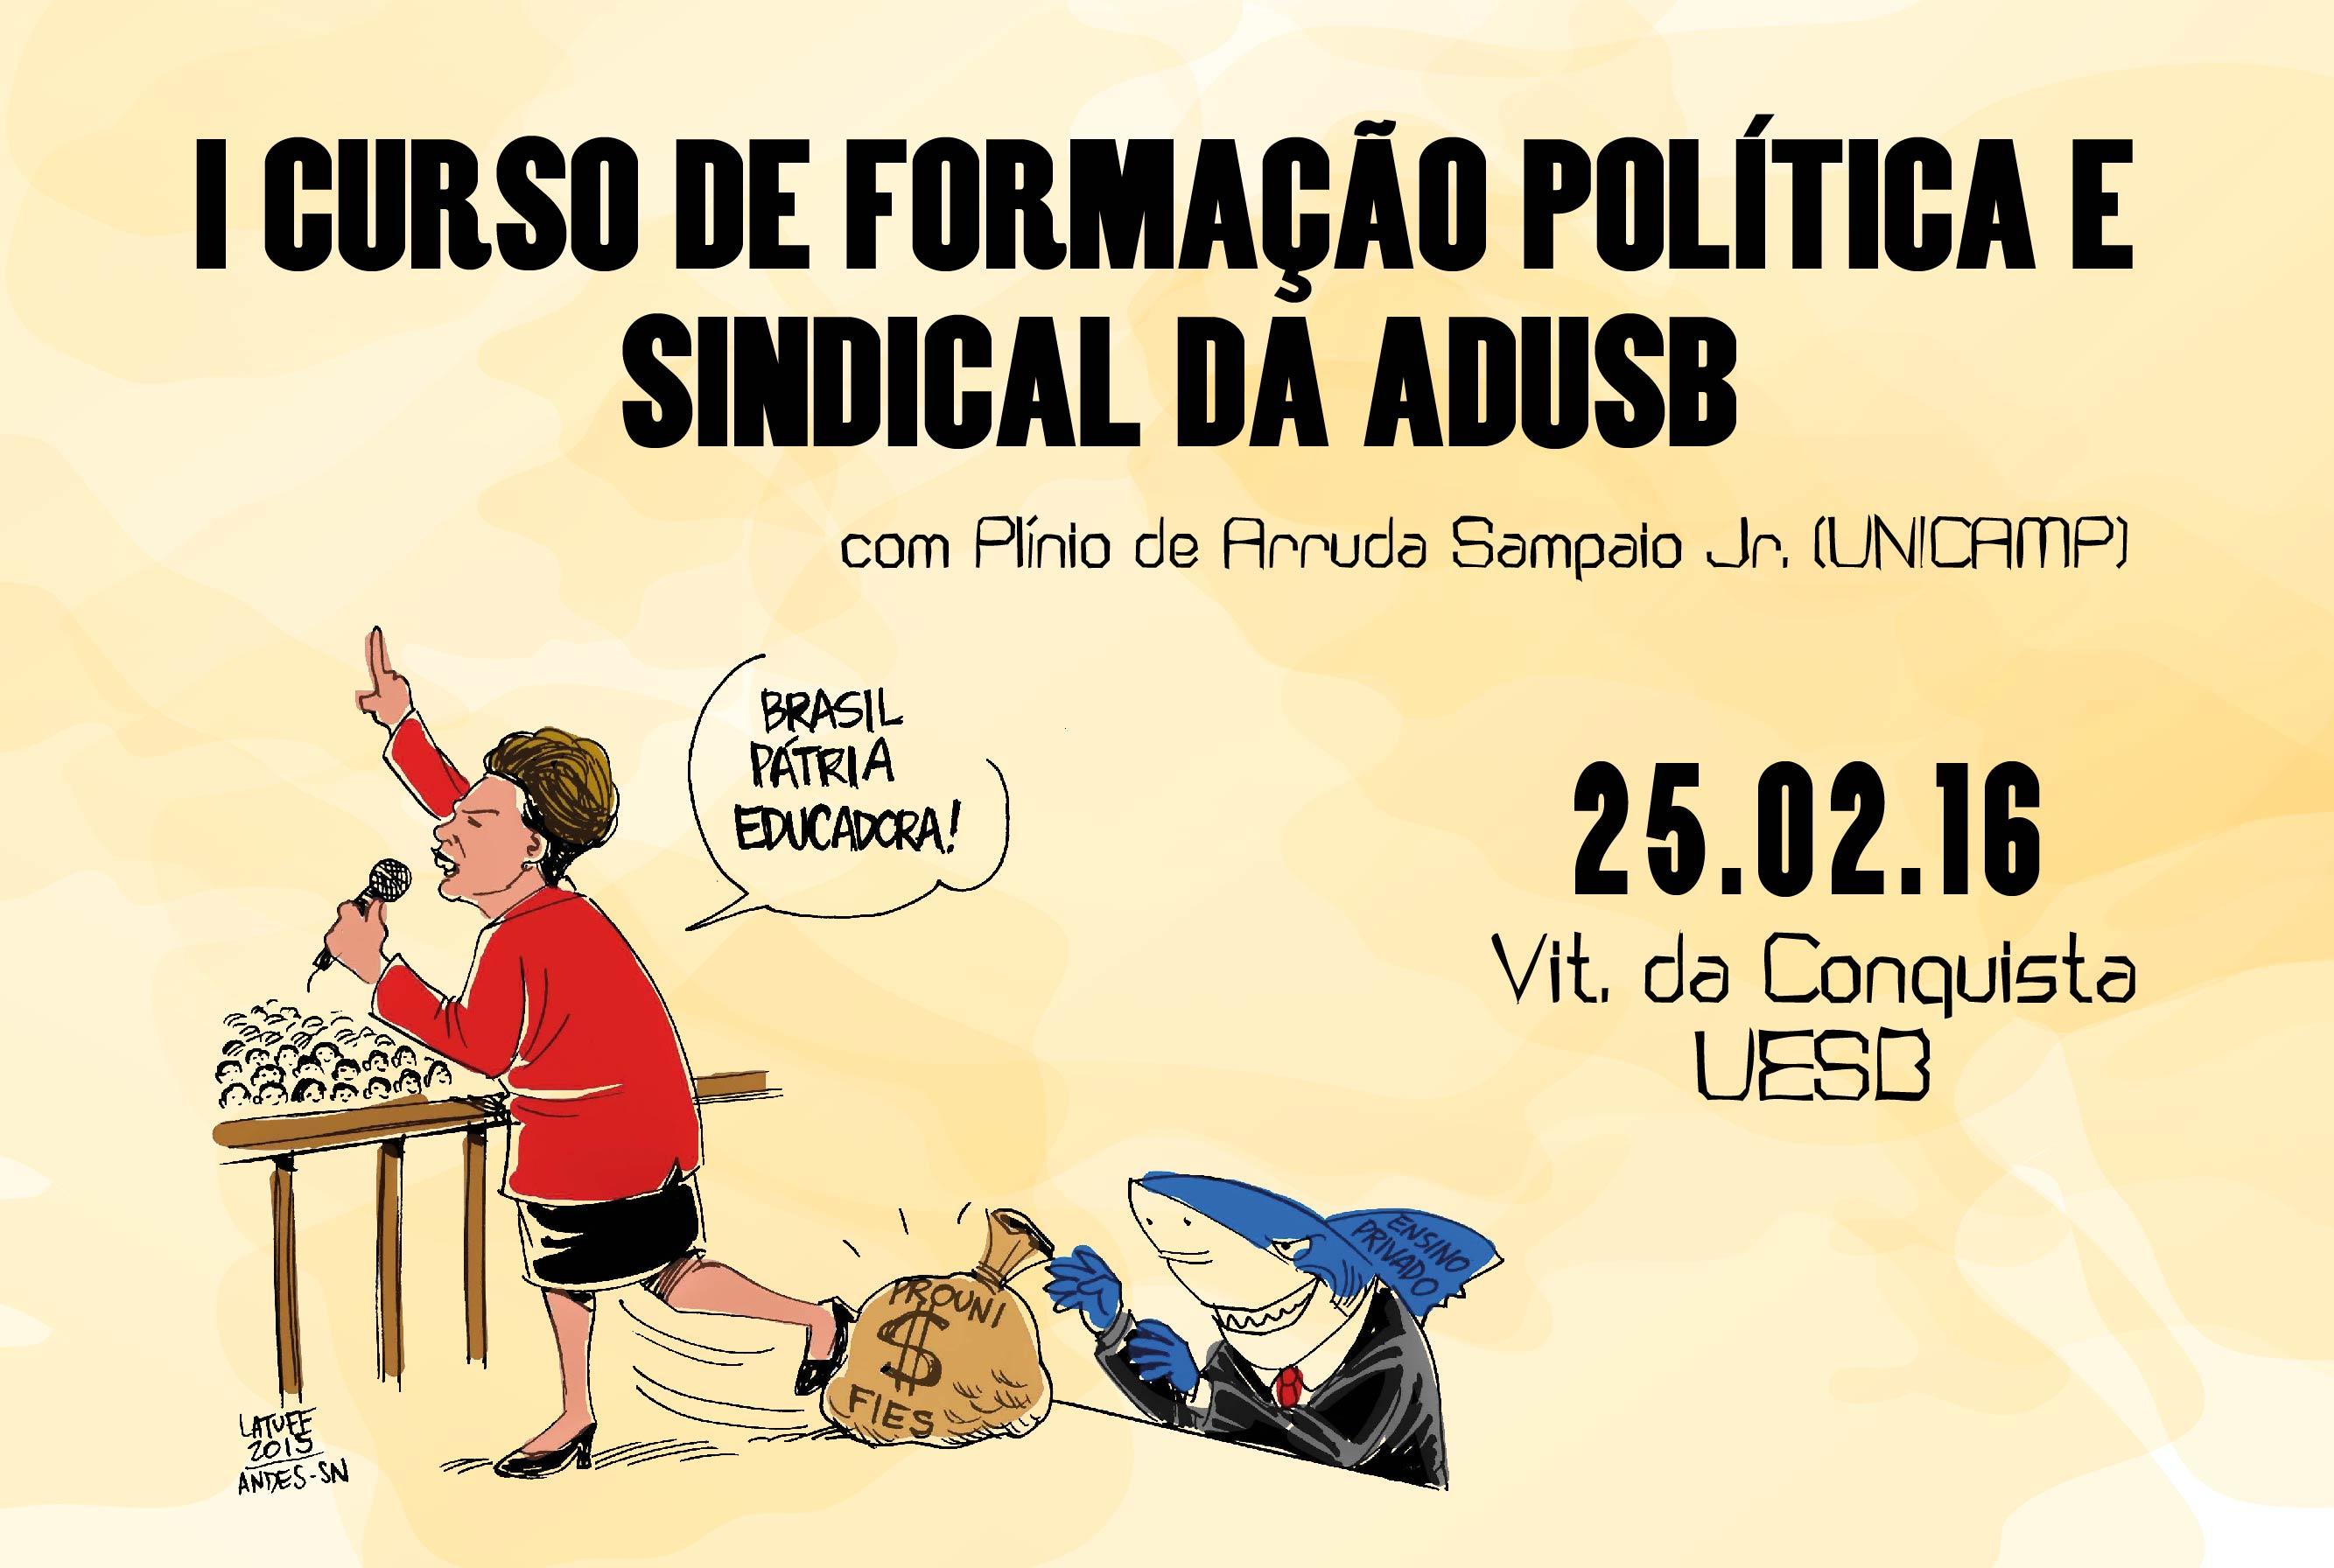 Adusb realiza o I Curso de Formação Política e Sindical no dia 25 de fevereiro